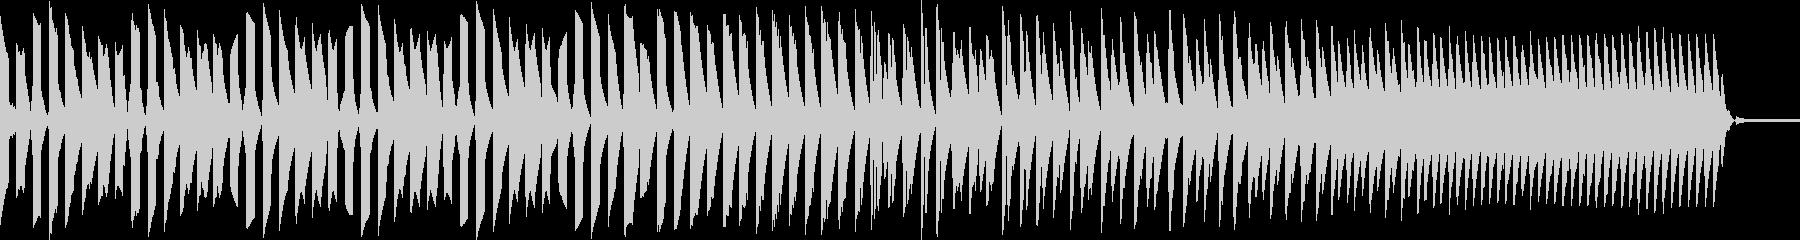 AMGアナログFX3の未再生の波形